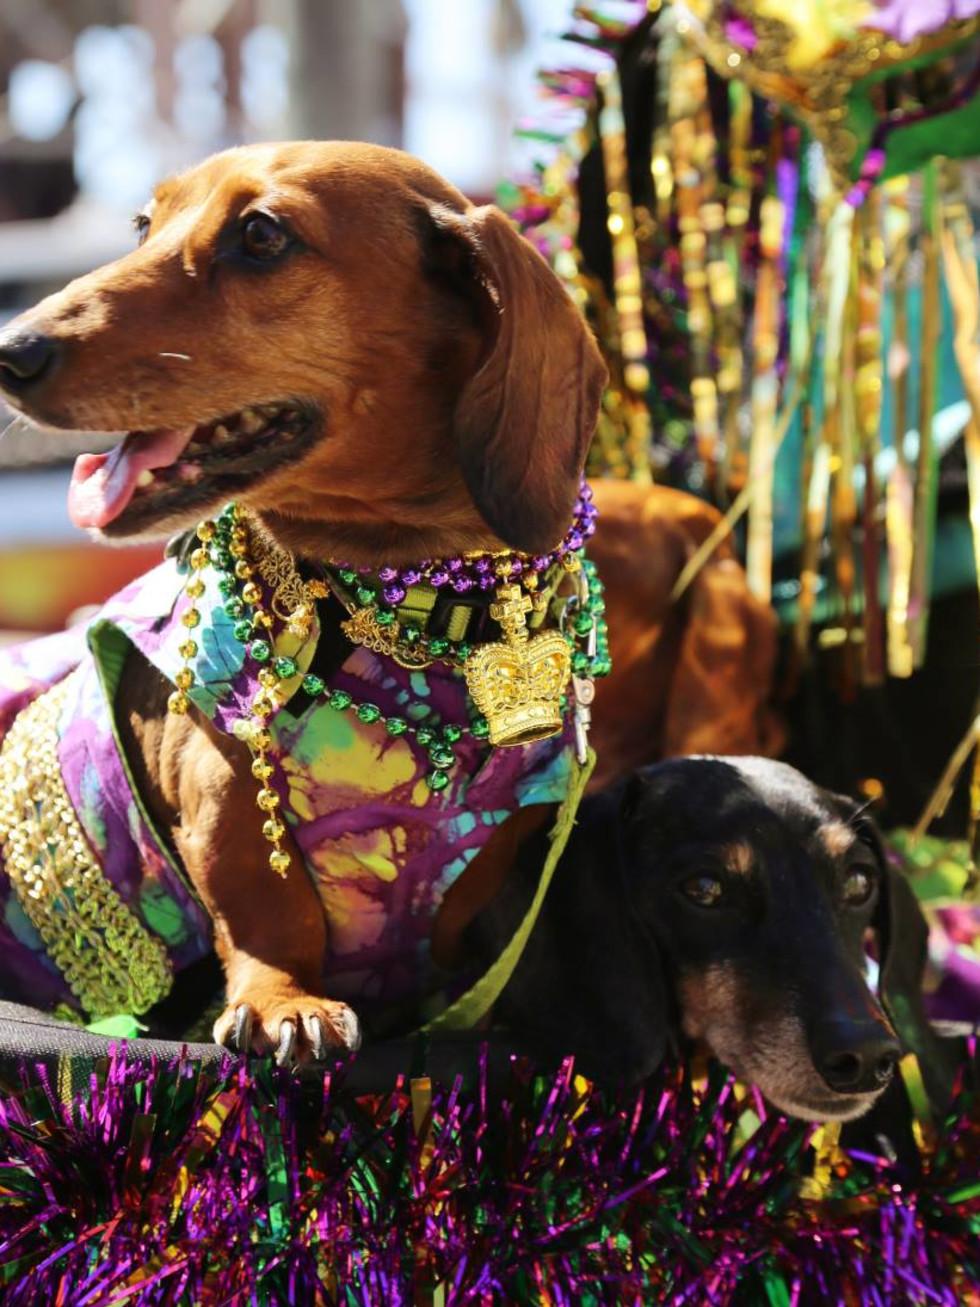 Mardi Gras Galveston Krewes of Barkus and Meoux Parade